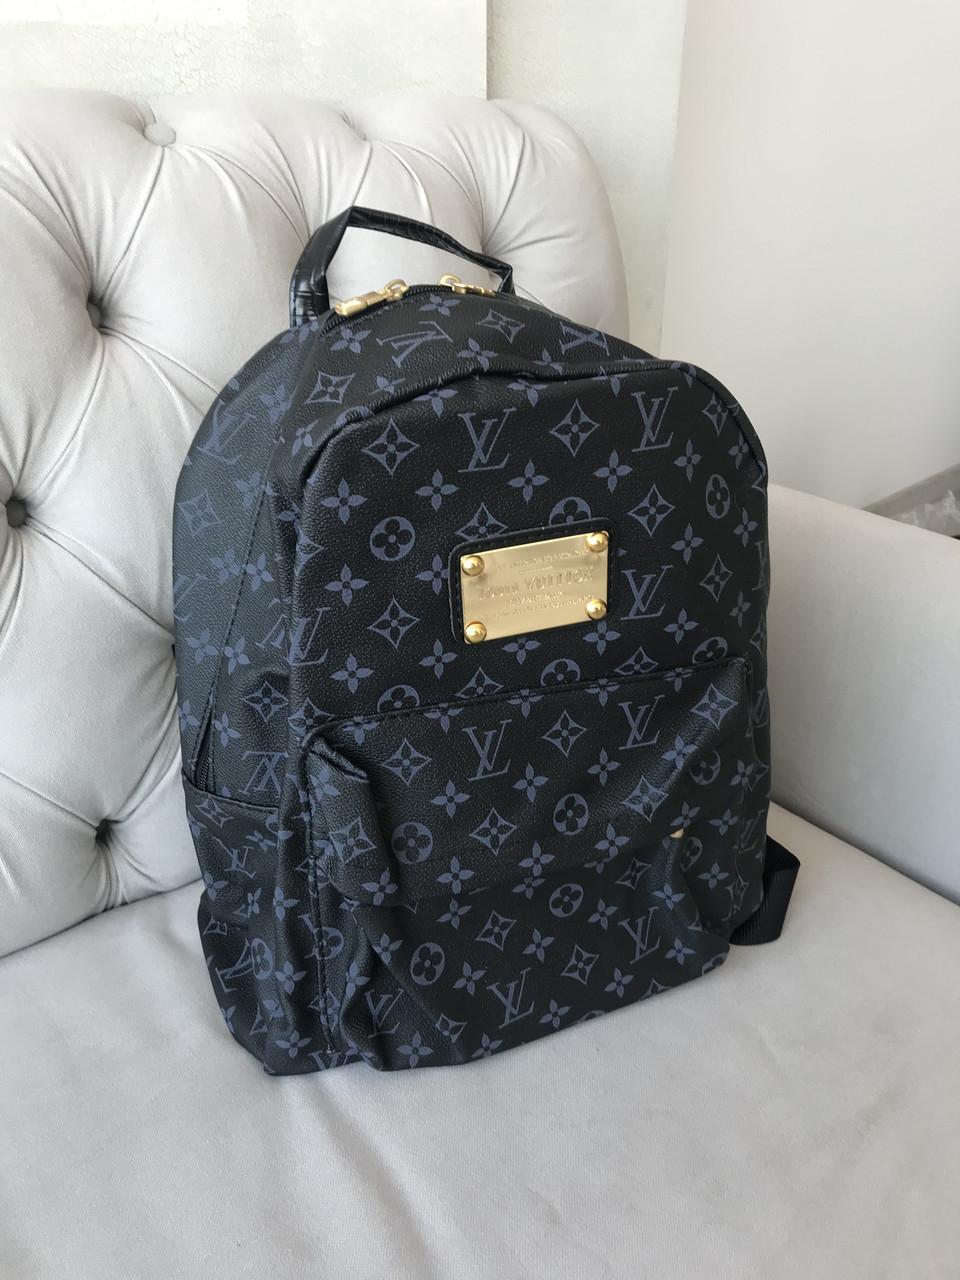 Рюкзак городской/школьный  Louis Vuitton  (реплика Луи Витон) Vintage Black